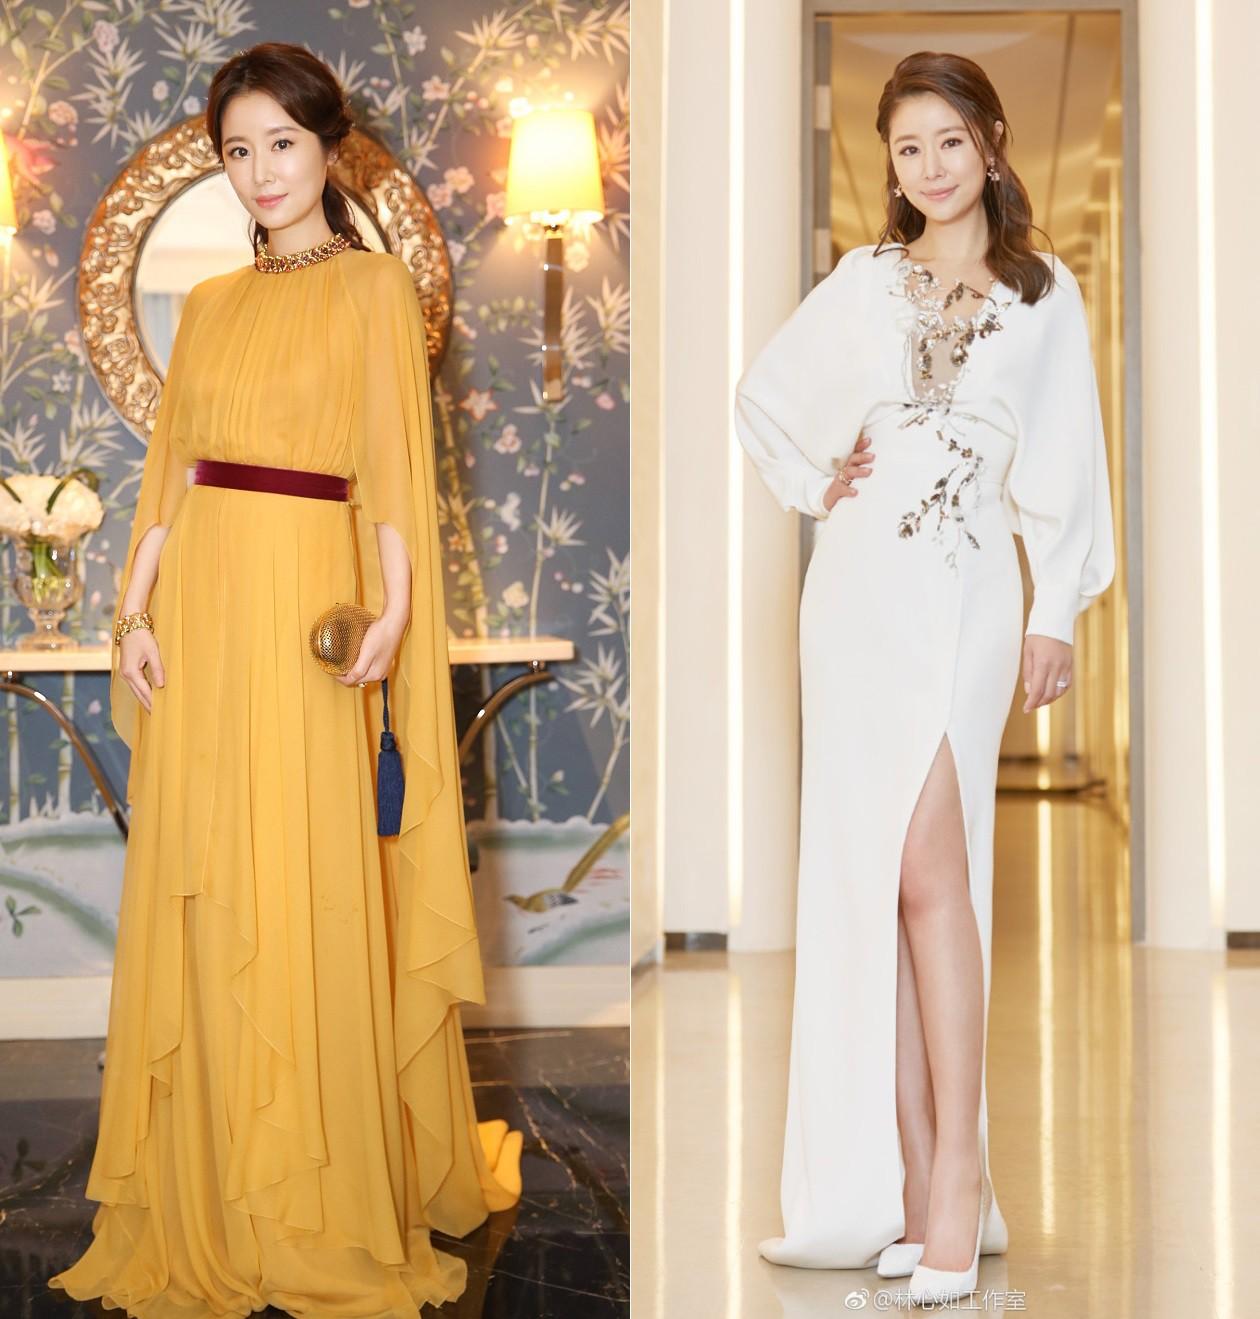 Style của bộ 3 Hoàn Châu Cách Cách: A hoàn trở thành nữ hoàng thảm đỏ sang chảnh lồng lộn, 2 công chúa lại đơn giản, nhẹ nhàng bất ngờ - Ảnh 9.